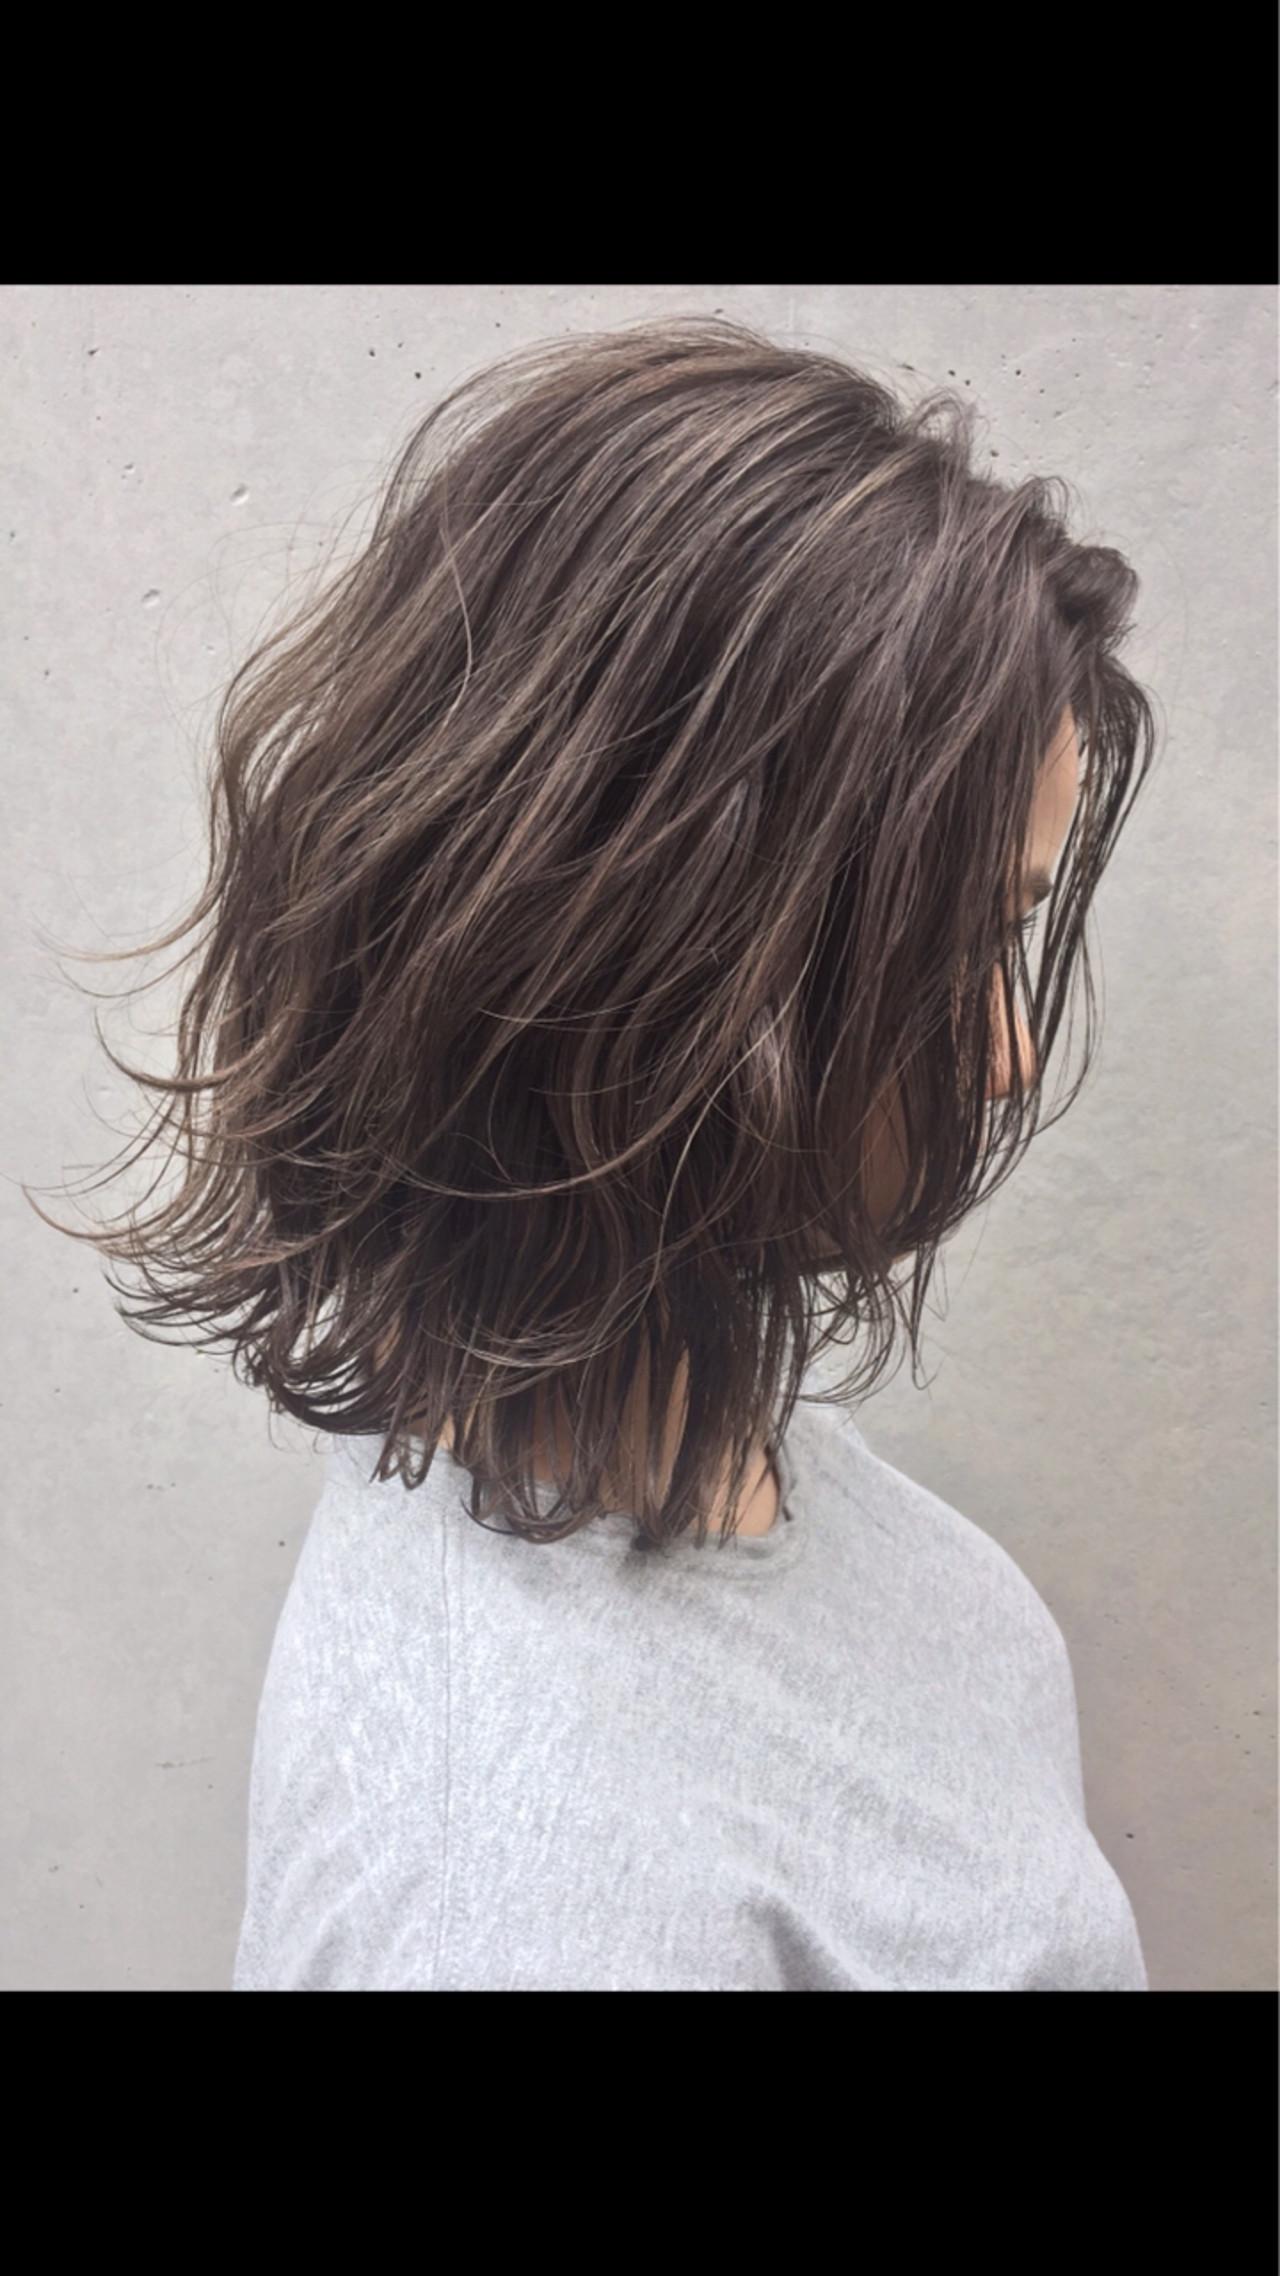 ハイライト 透明感 ロブ ボブ ヘアスタイルや髪型の写真・画像